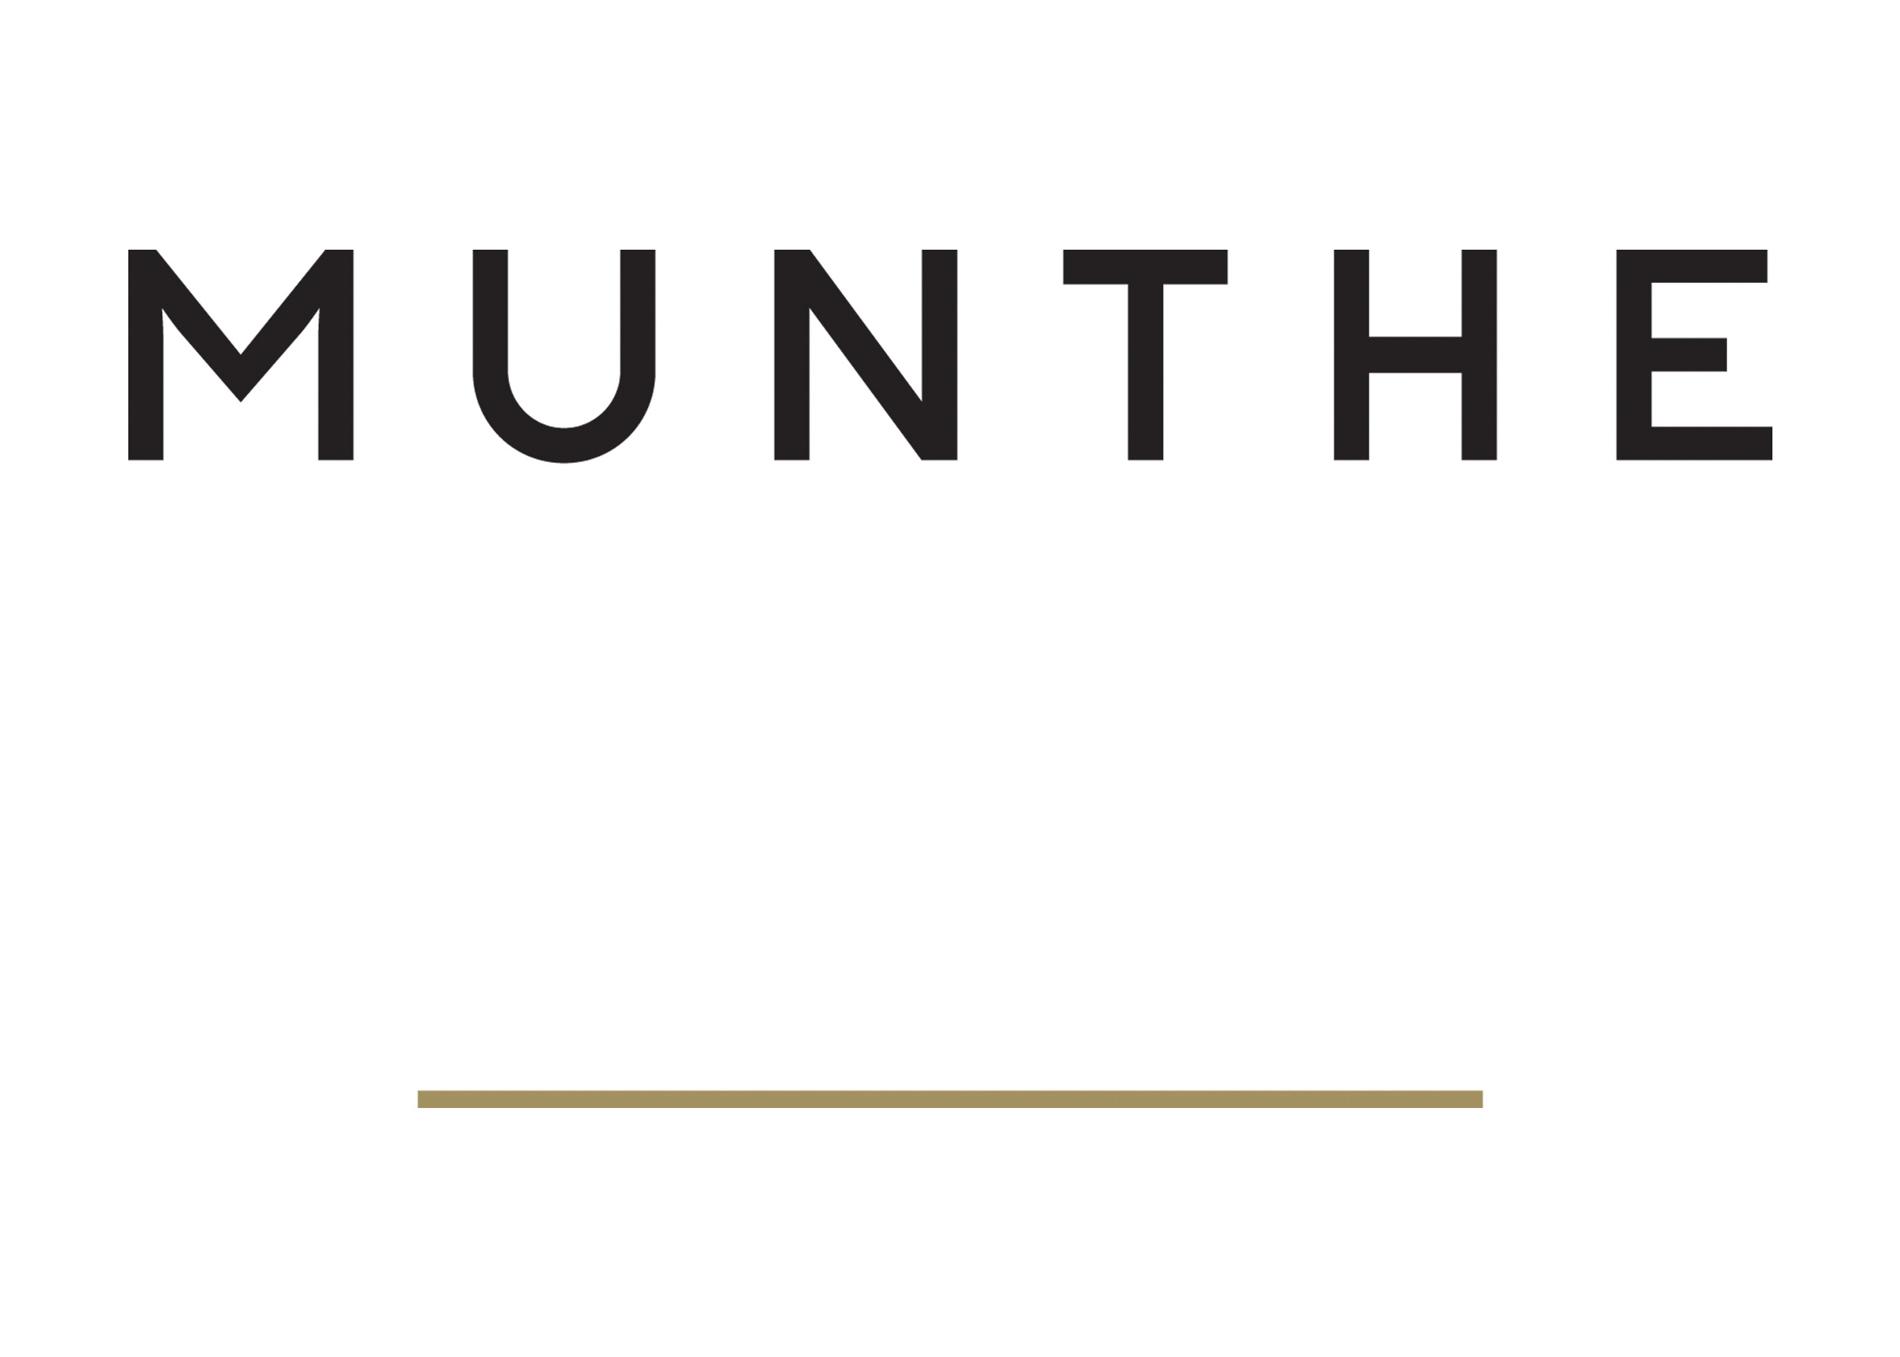 Gør et kup: Munthe afholder kollektionssalg i Aarhus